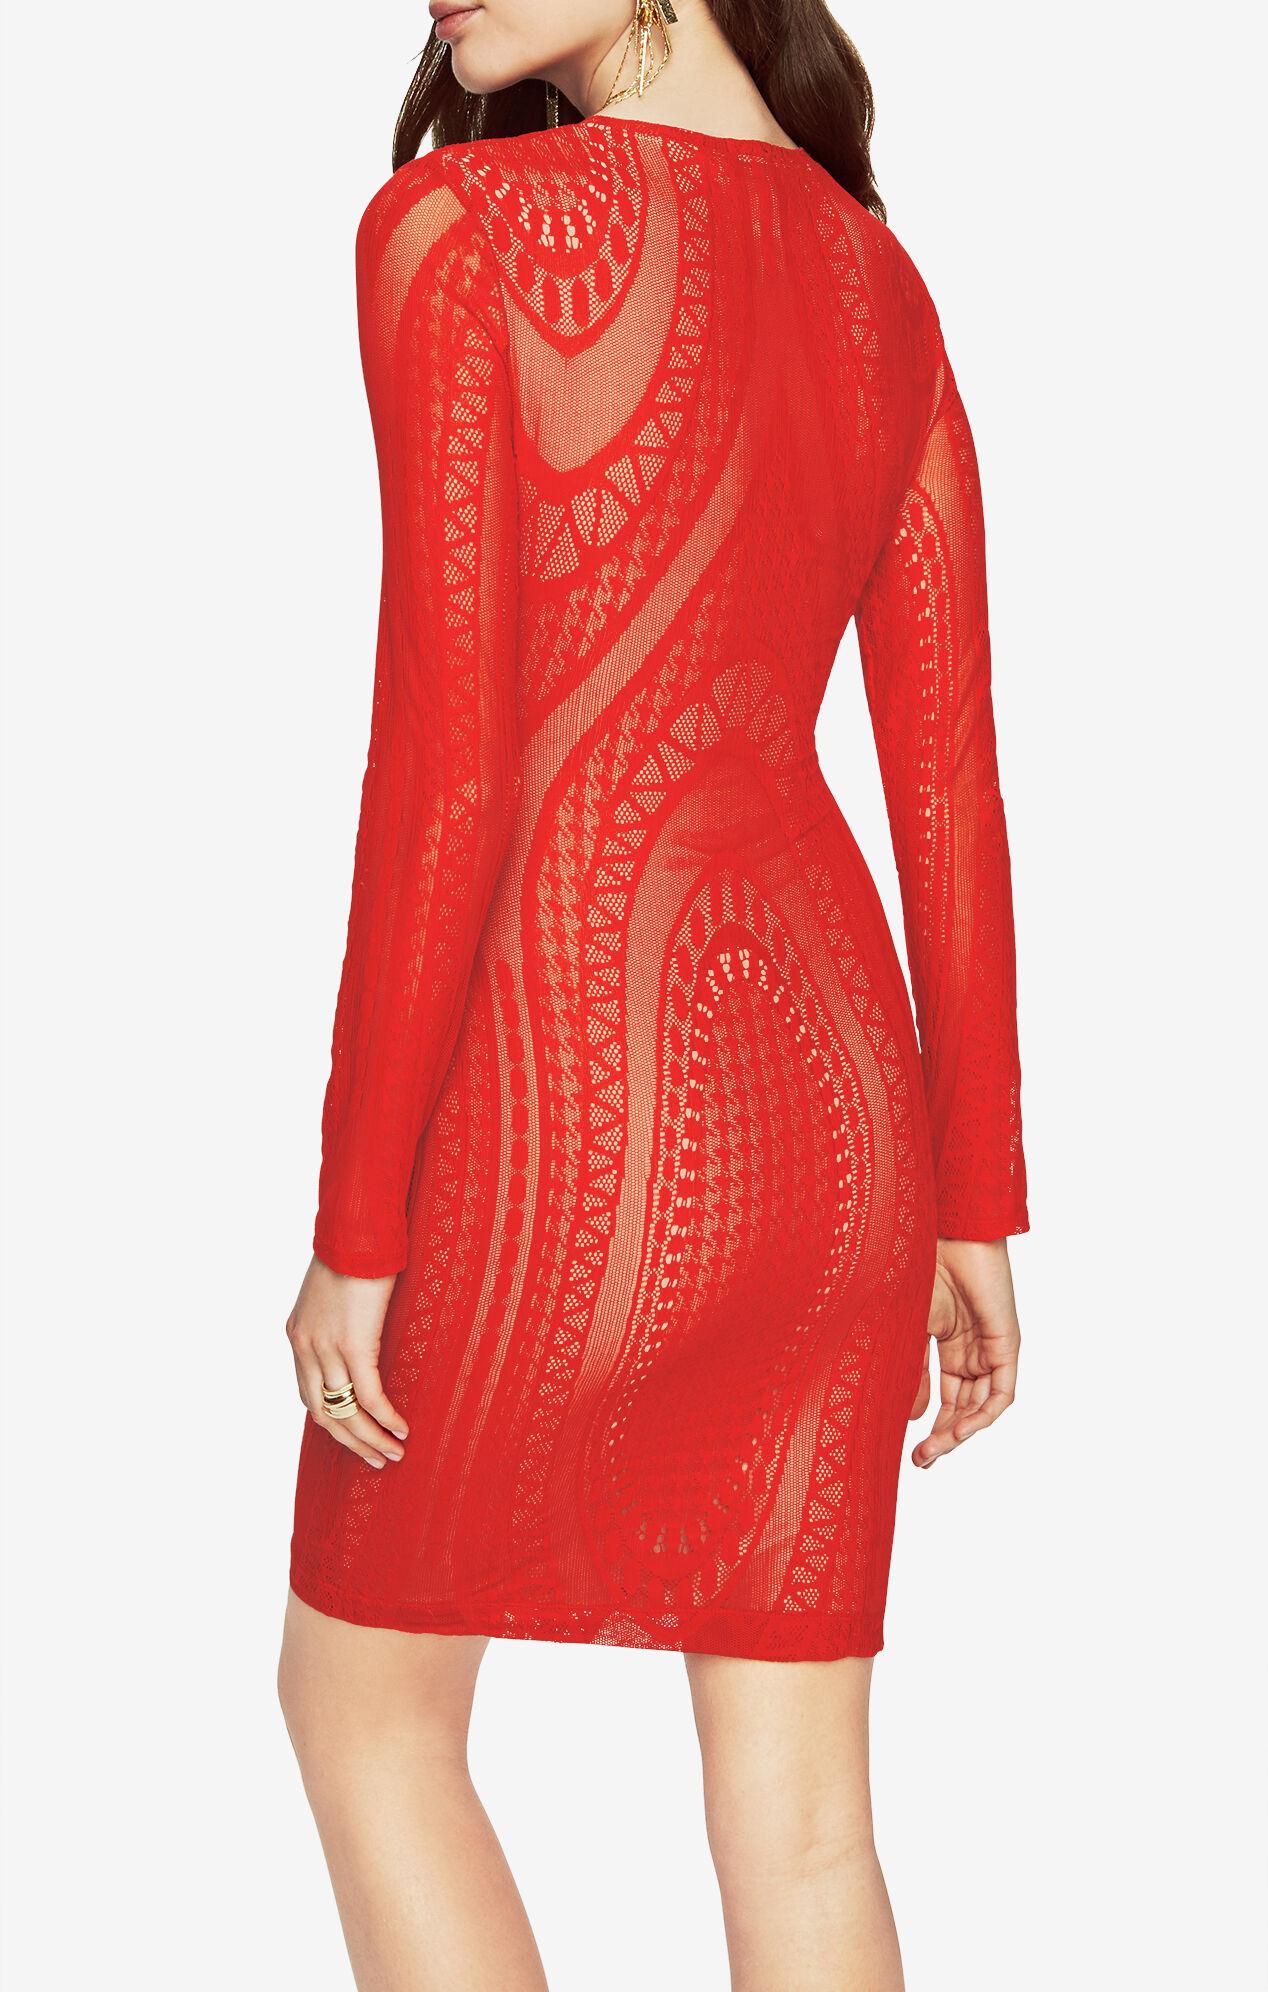 Lala Lace Dress